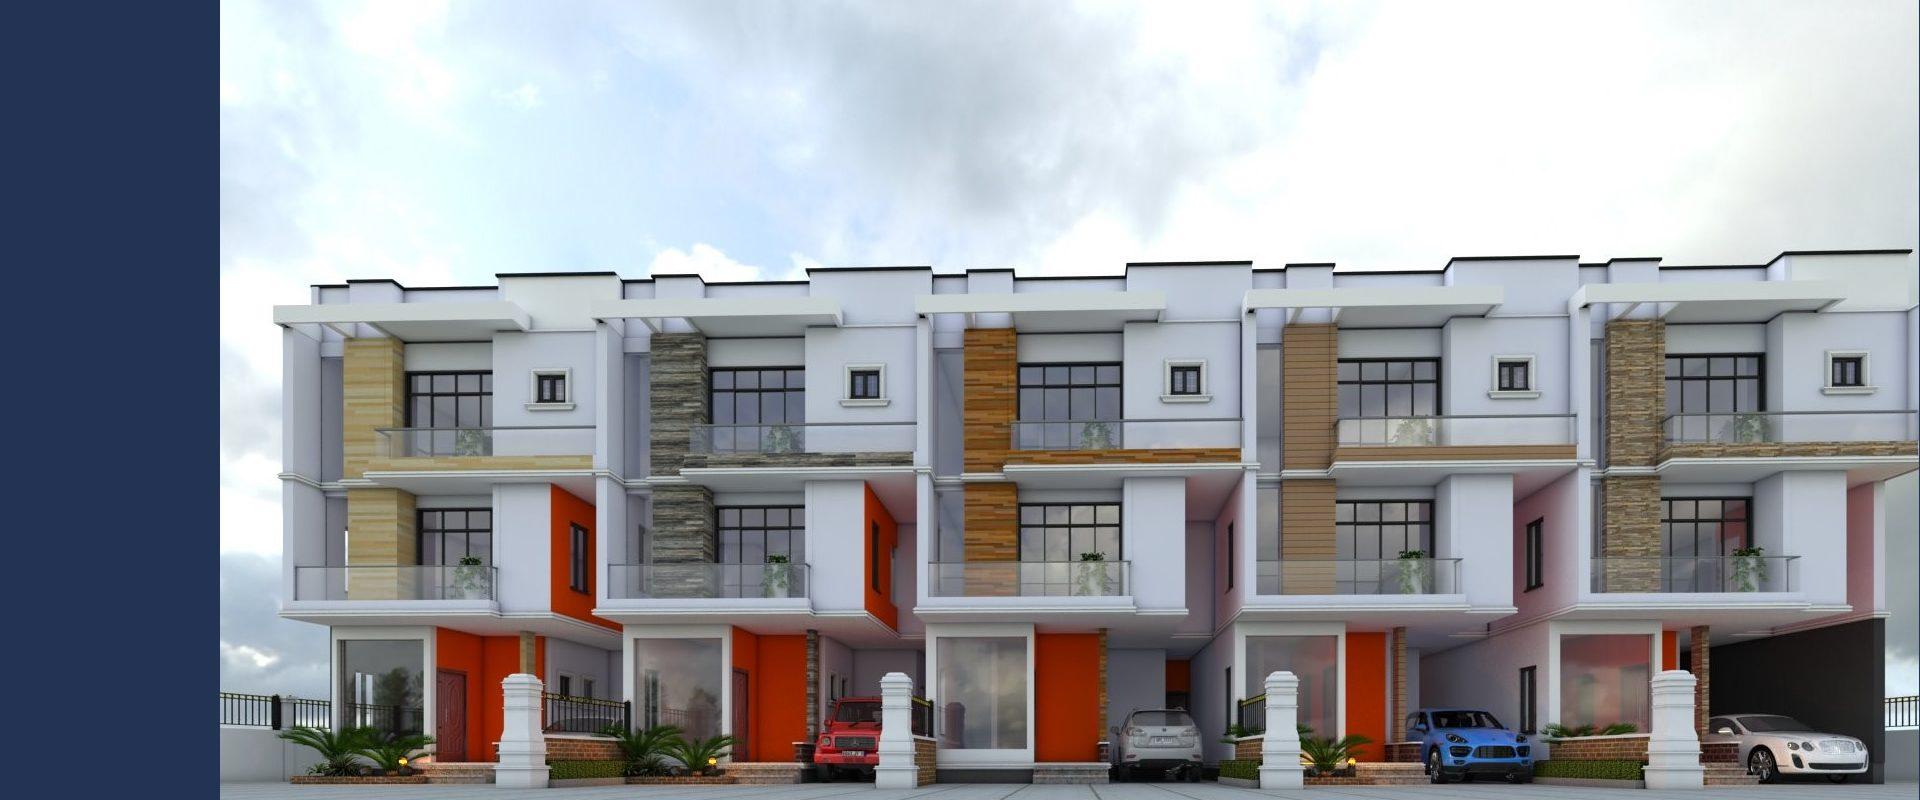 4-Bedroom Terrace